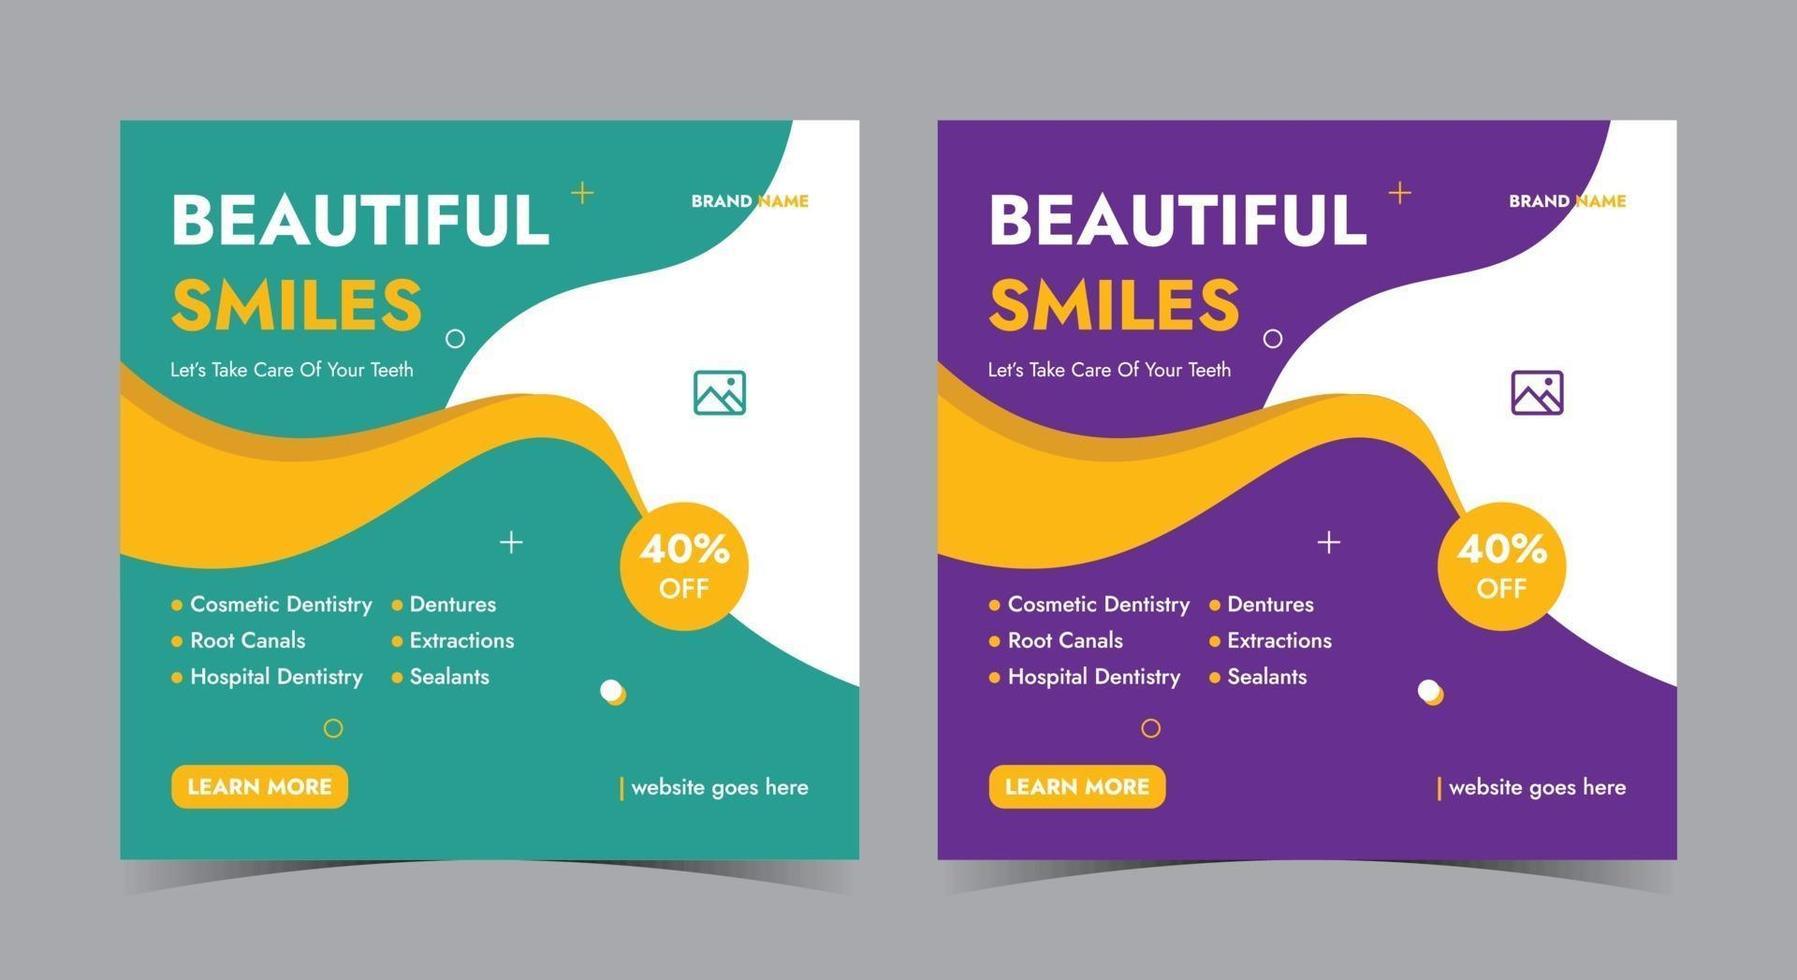 vackert leende affisch, tandvård sociala medier inlägg och flygblad vektor